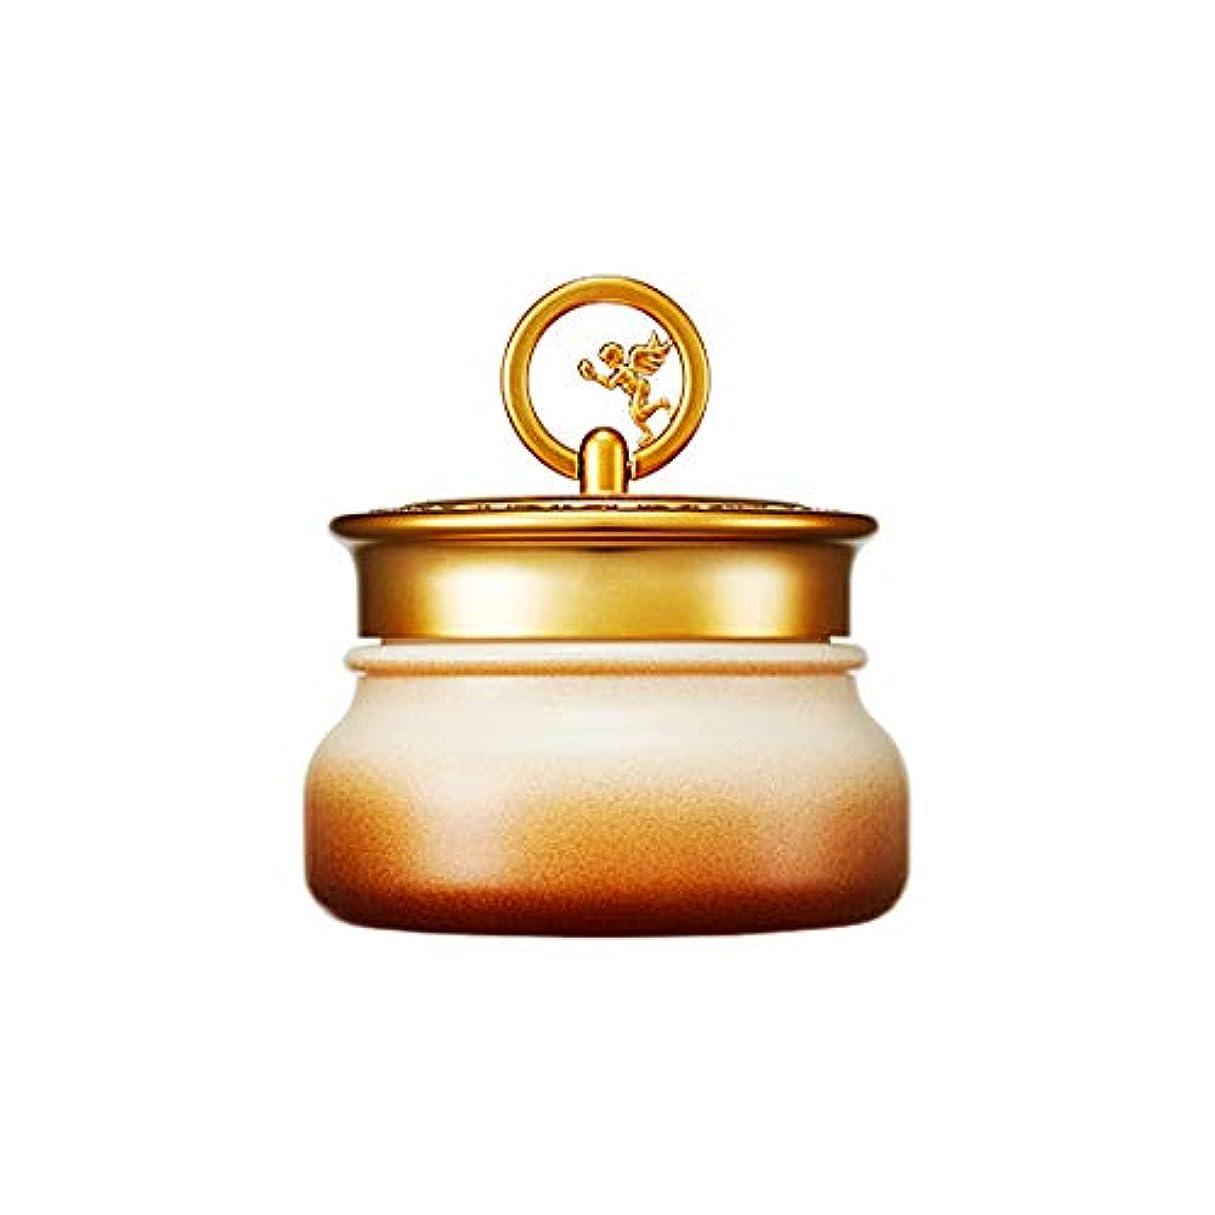 ゆでる嵐登るSkinfood ゴールドキャビアクリーム(しわケア) / Gold Caviar Cream (wrinkle care) 45g [並行輸入品]